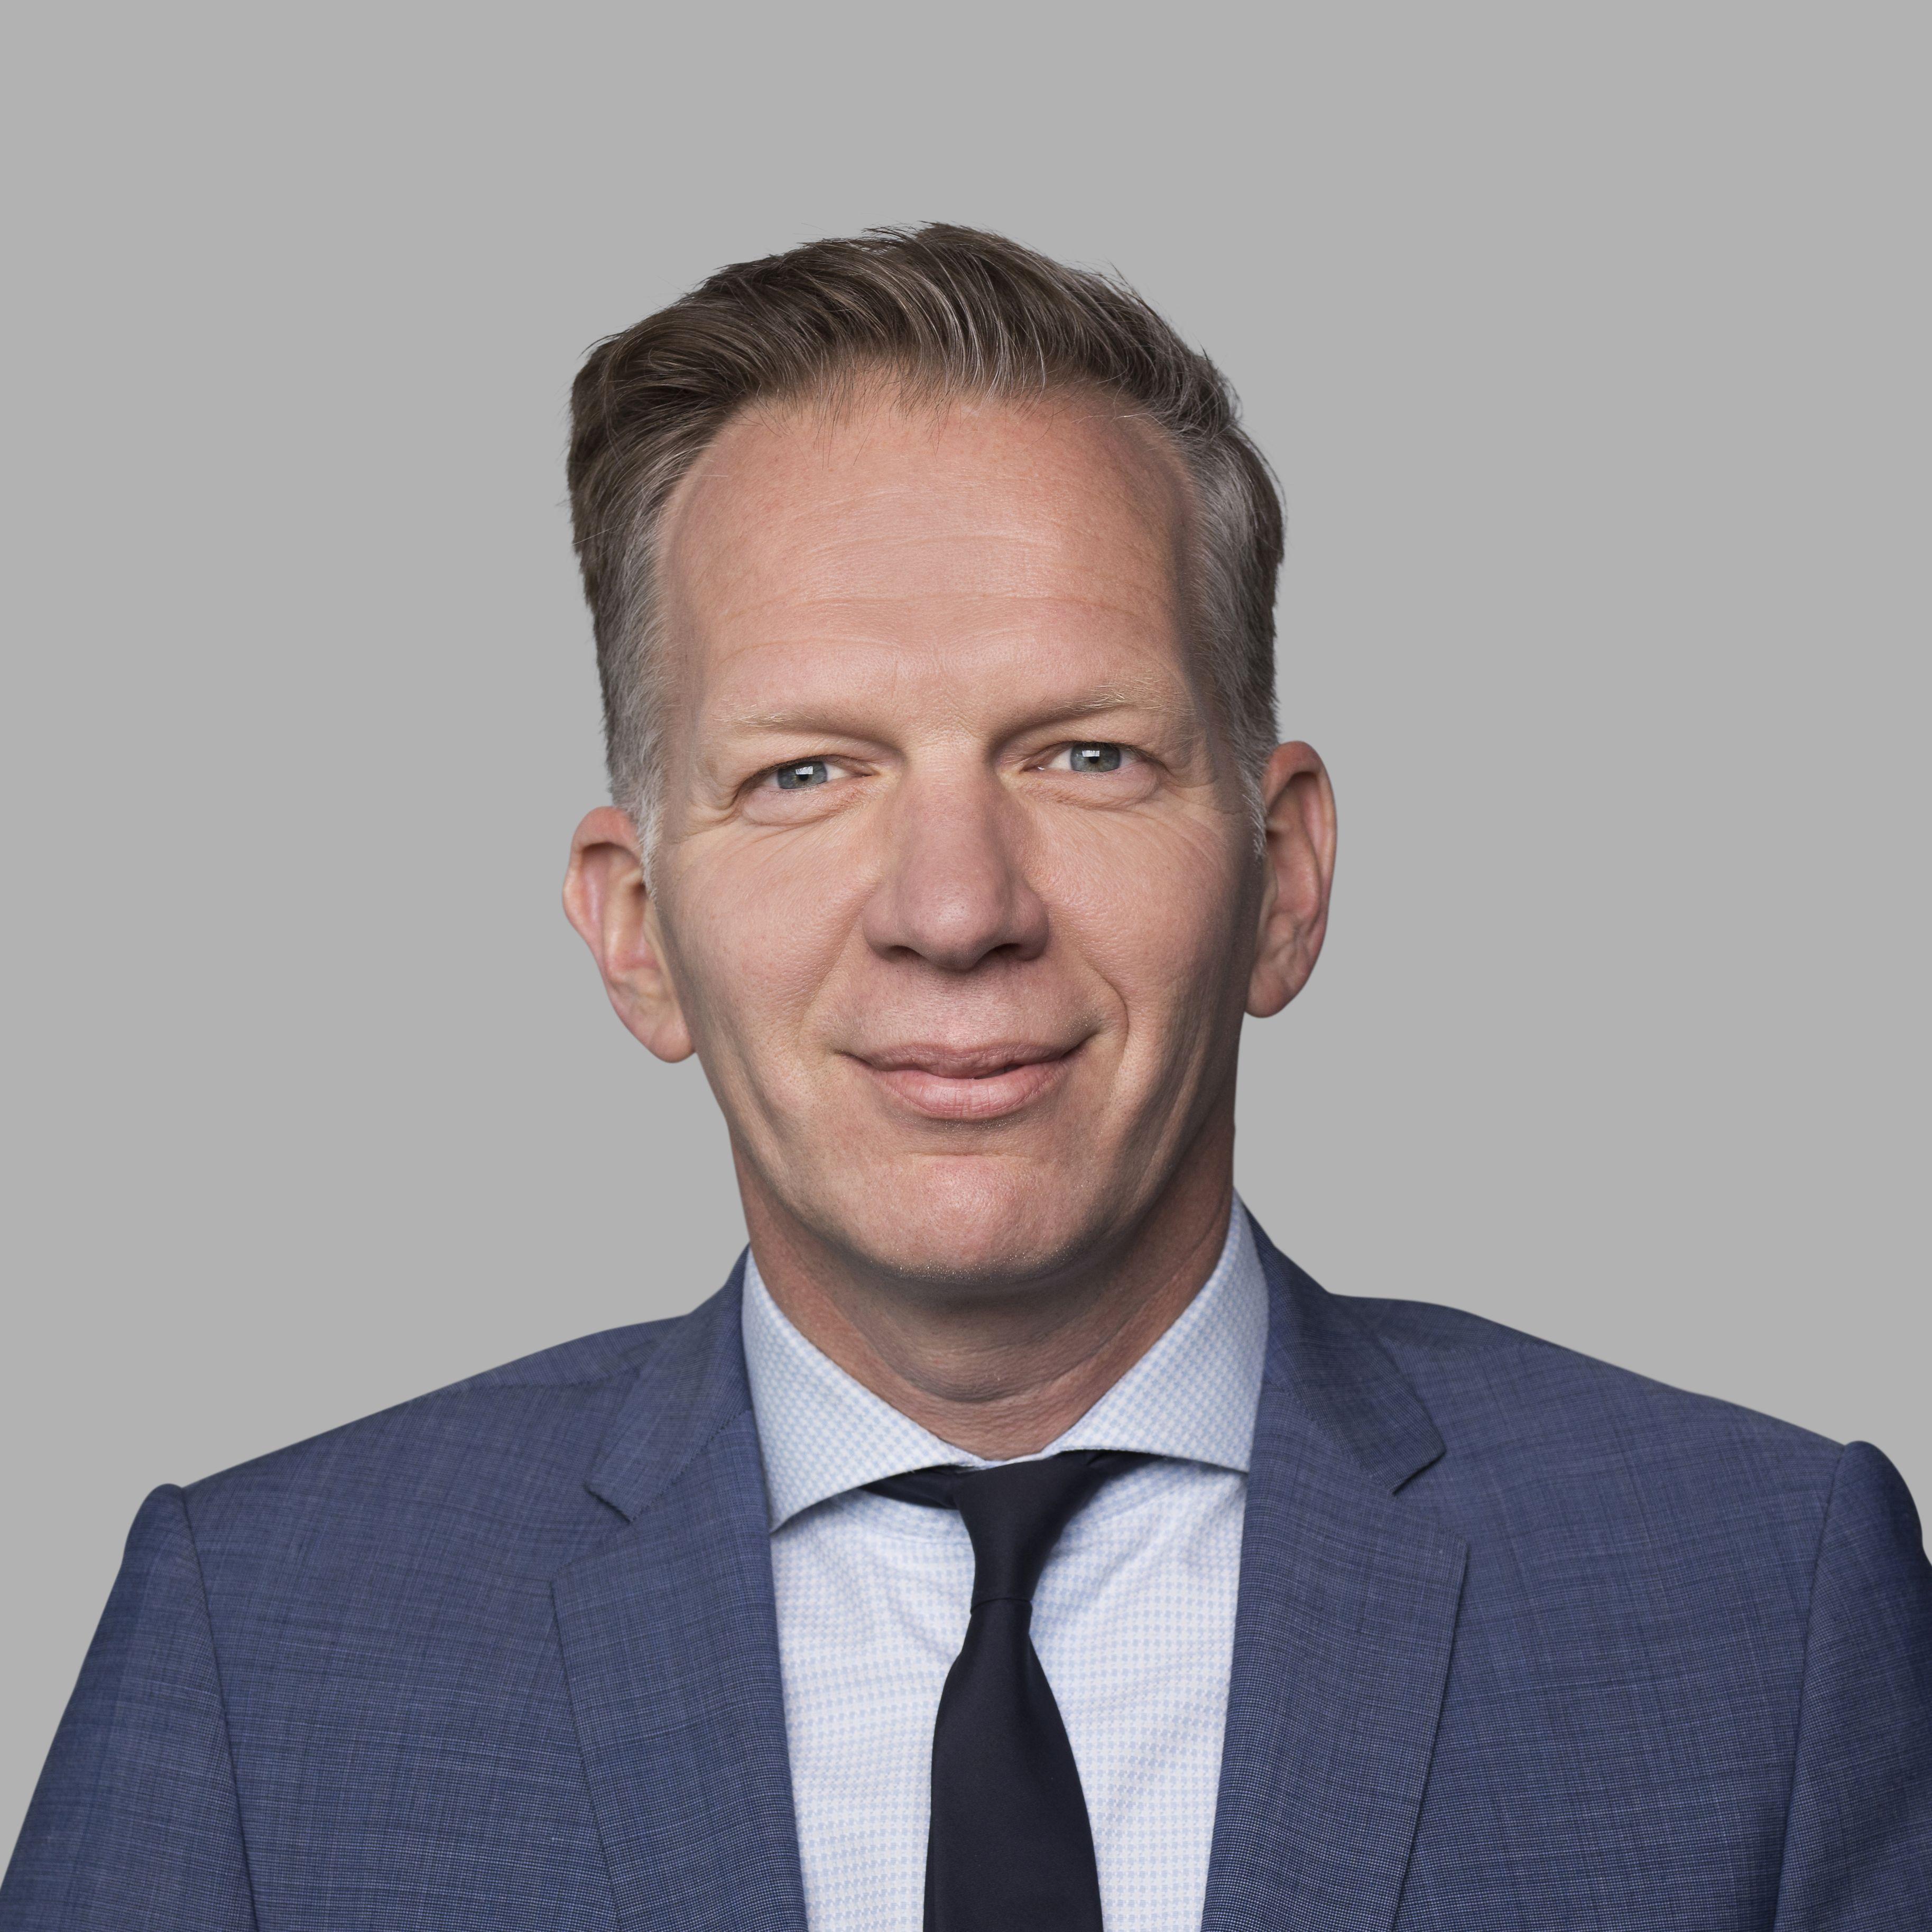 Richard van Heukelum